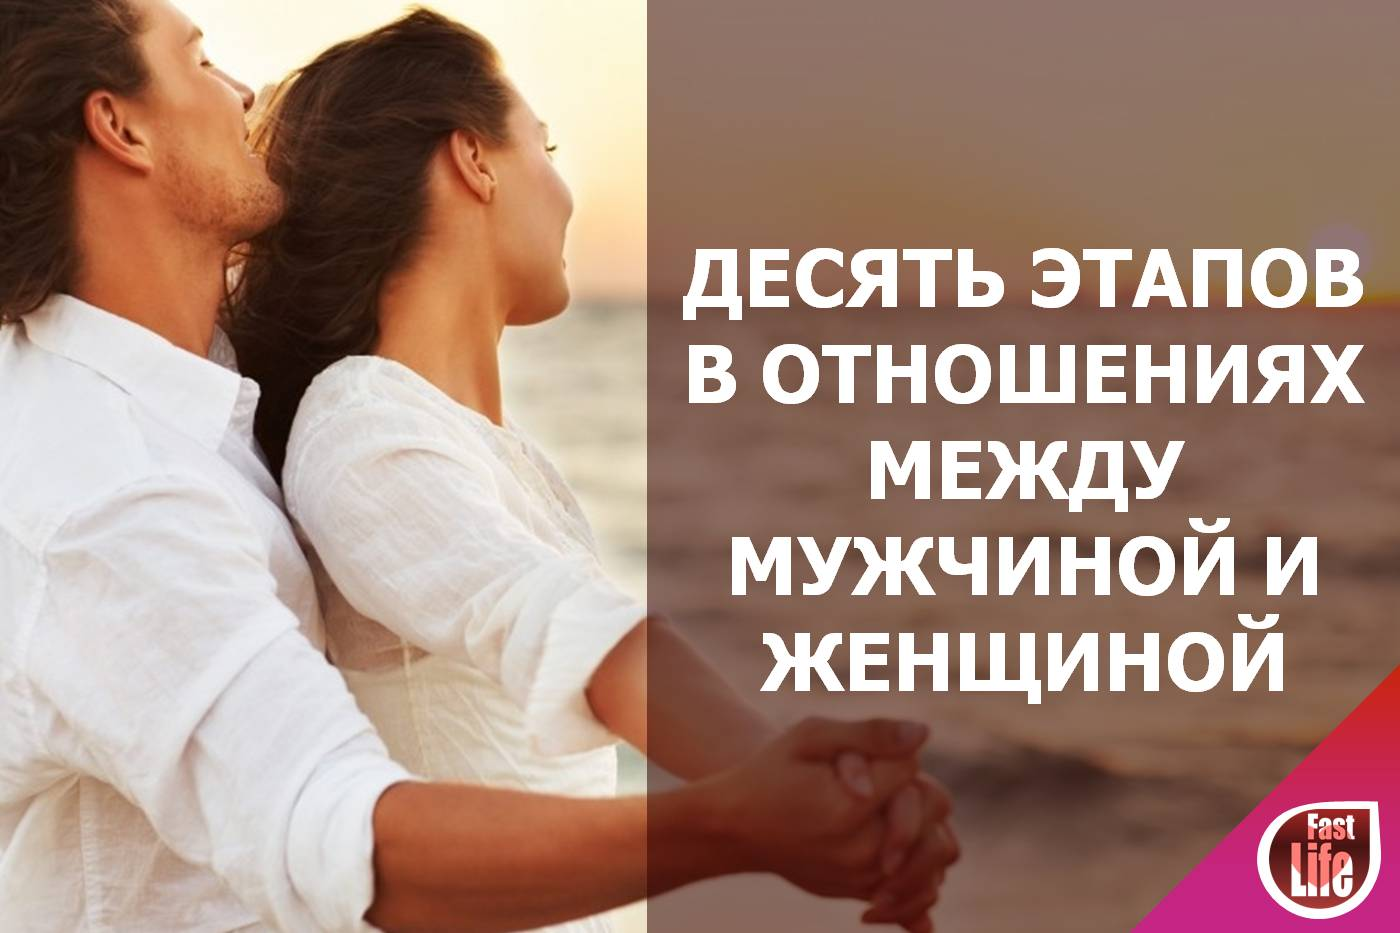 Сексуальные отношение между мужчиной и женщиной бесплатно